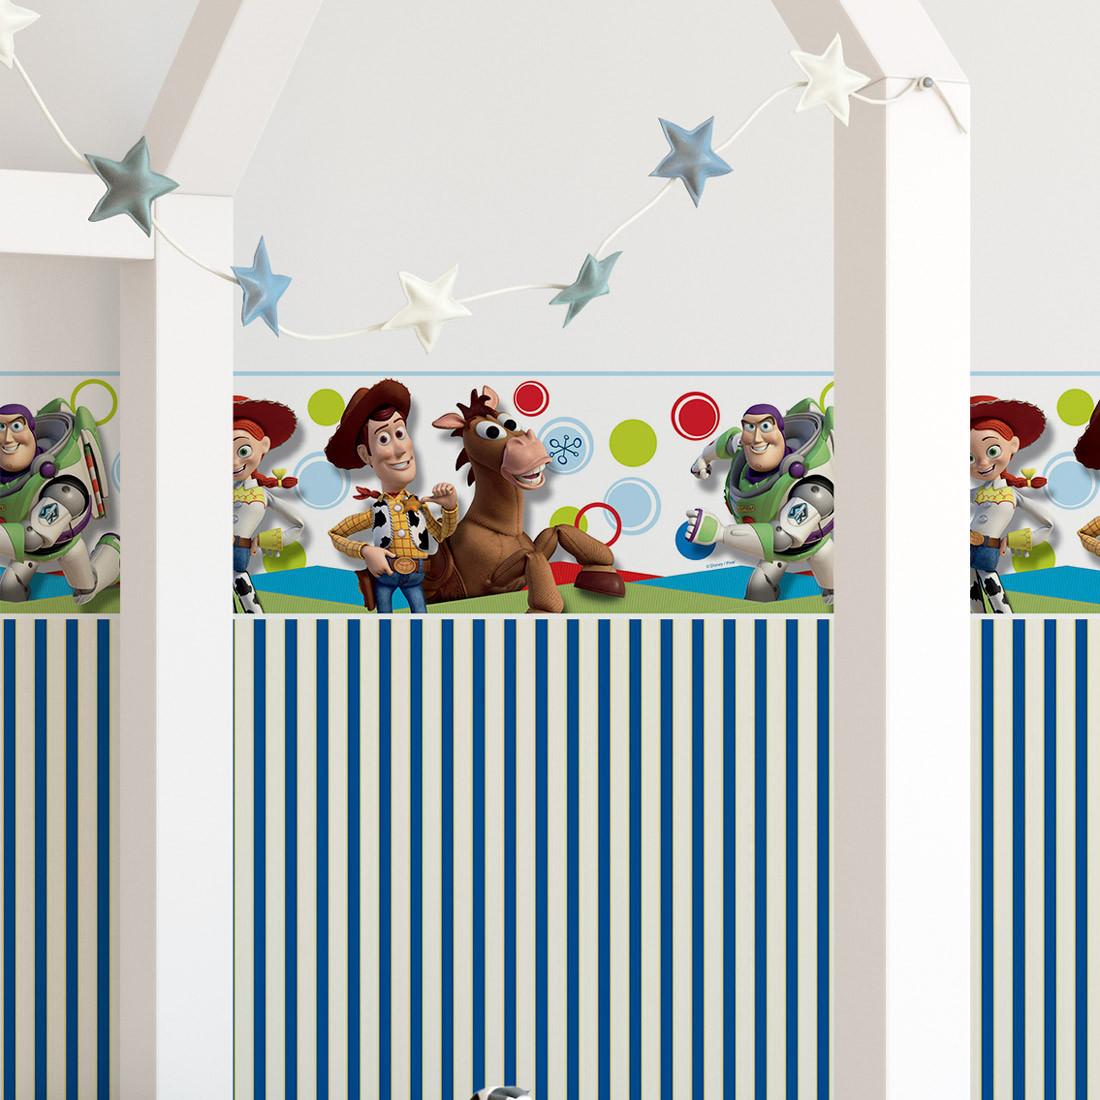 Faixa Decorativa Infantil Toy Story - Disney